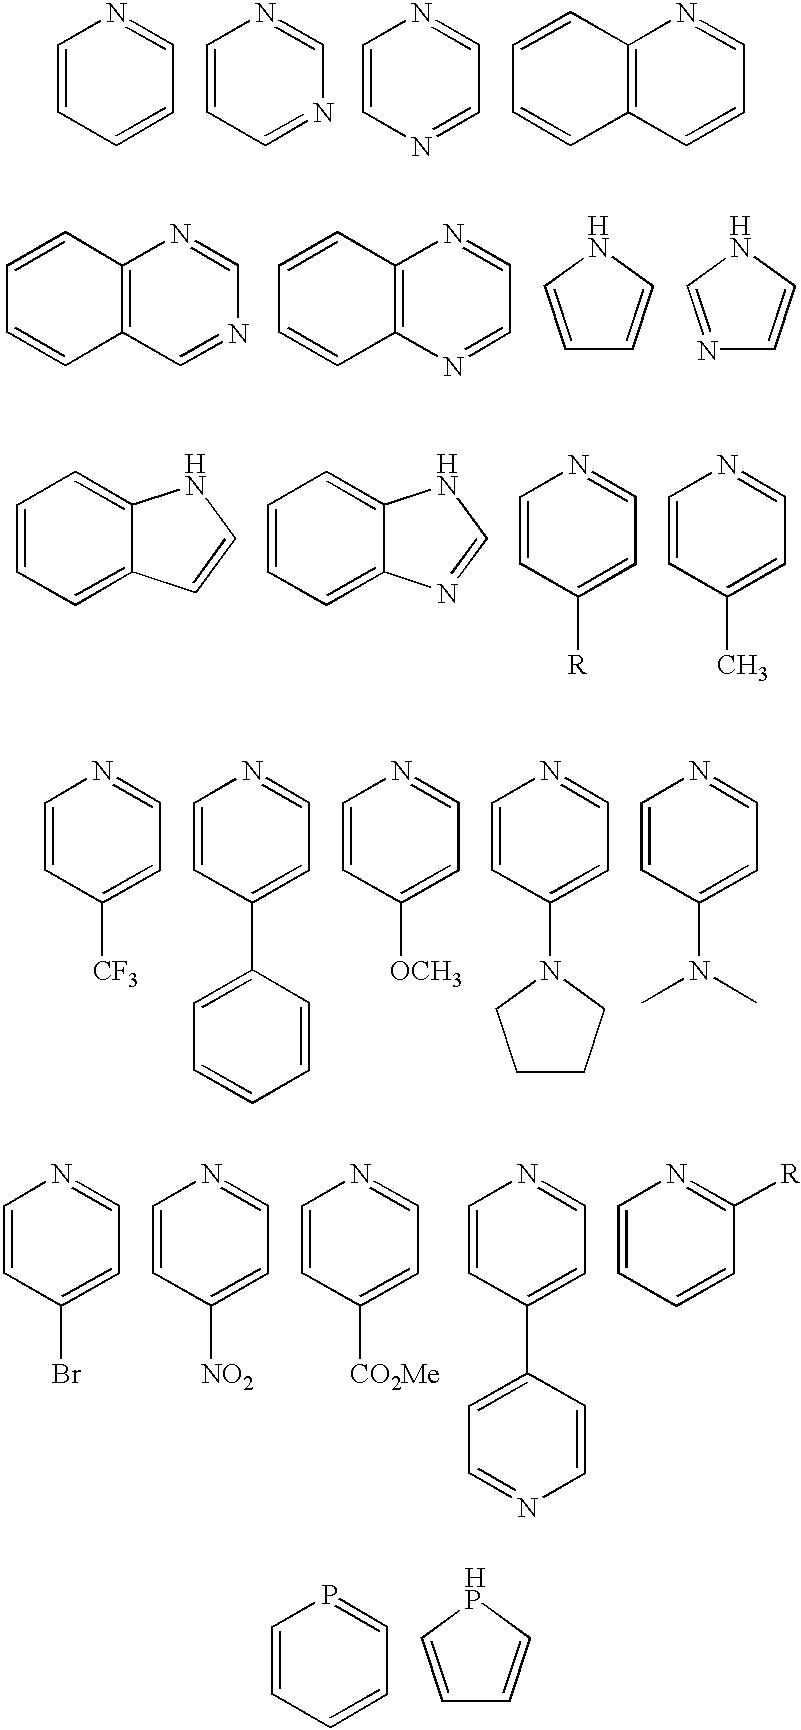 Figure US06818586-20041116-C00015